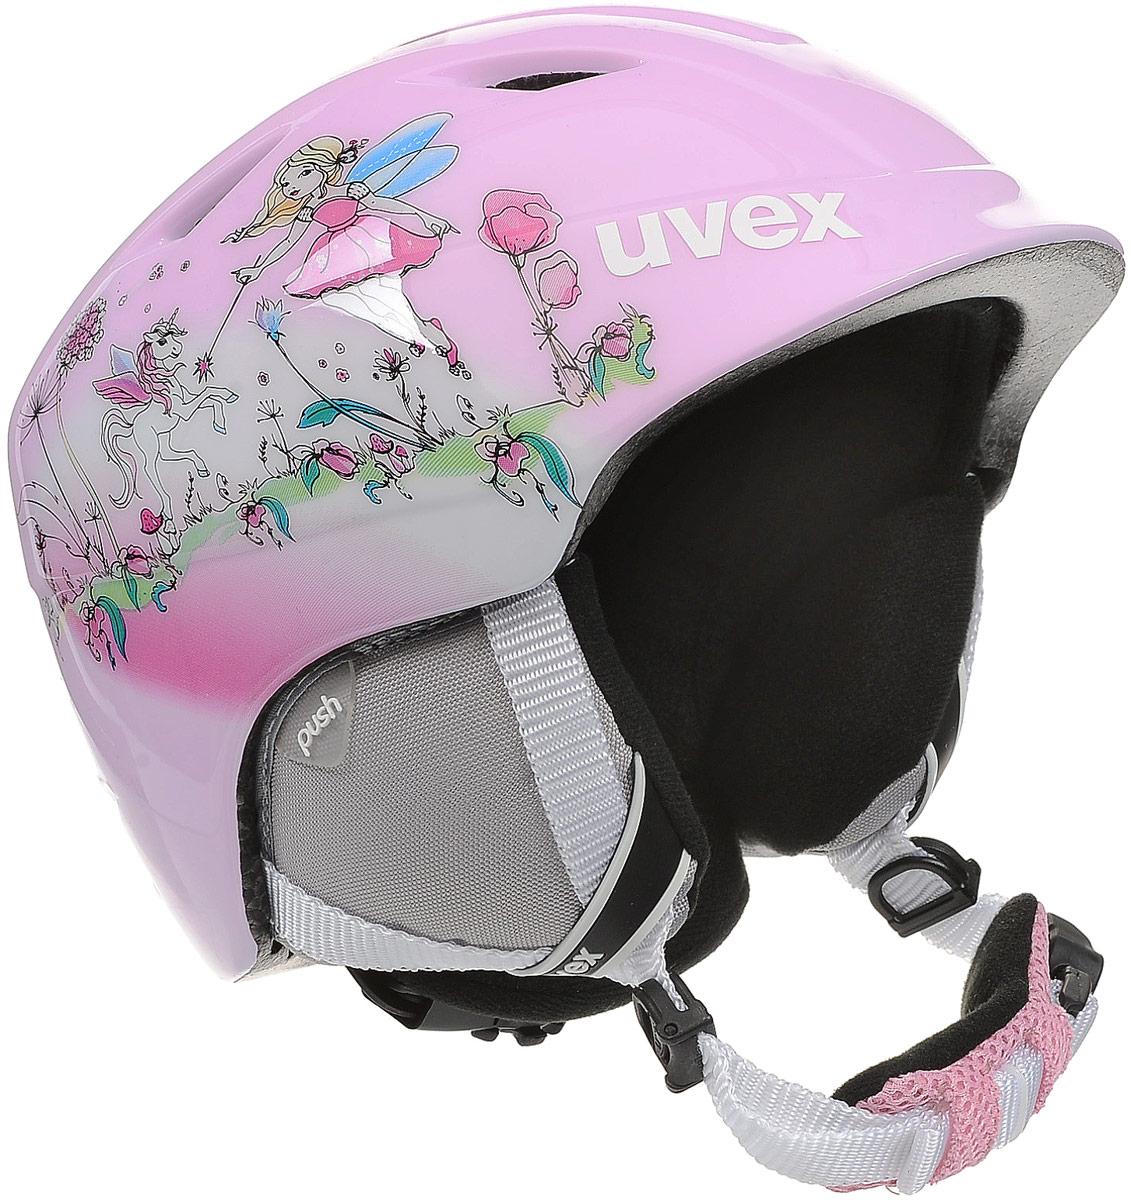 Шлем горнолыжный детский Uvex Airwing 2 Kids Helmet, фея. Размер XXS6132Детский шлем Uvex Airwing 2 обеспечит юному лыжнику максимальный комфорт на склоне. В модели предусмотрены система вентиляции, съемная защита ушей и фиксатор стрэпа маски. Система индивидуальной подгонки размера IAS и застежка Monomatic позволят надежно закрепить шлем на голове. Подкладка выполнена из гипоаллергенного материала.Размер шлема: XXS (46-50 см).Как выбрать горные лыжи для ребёнка. Статья OZON Гид